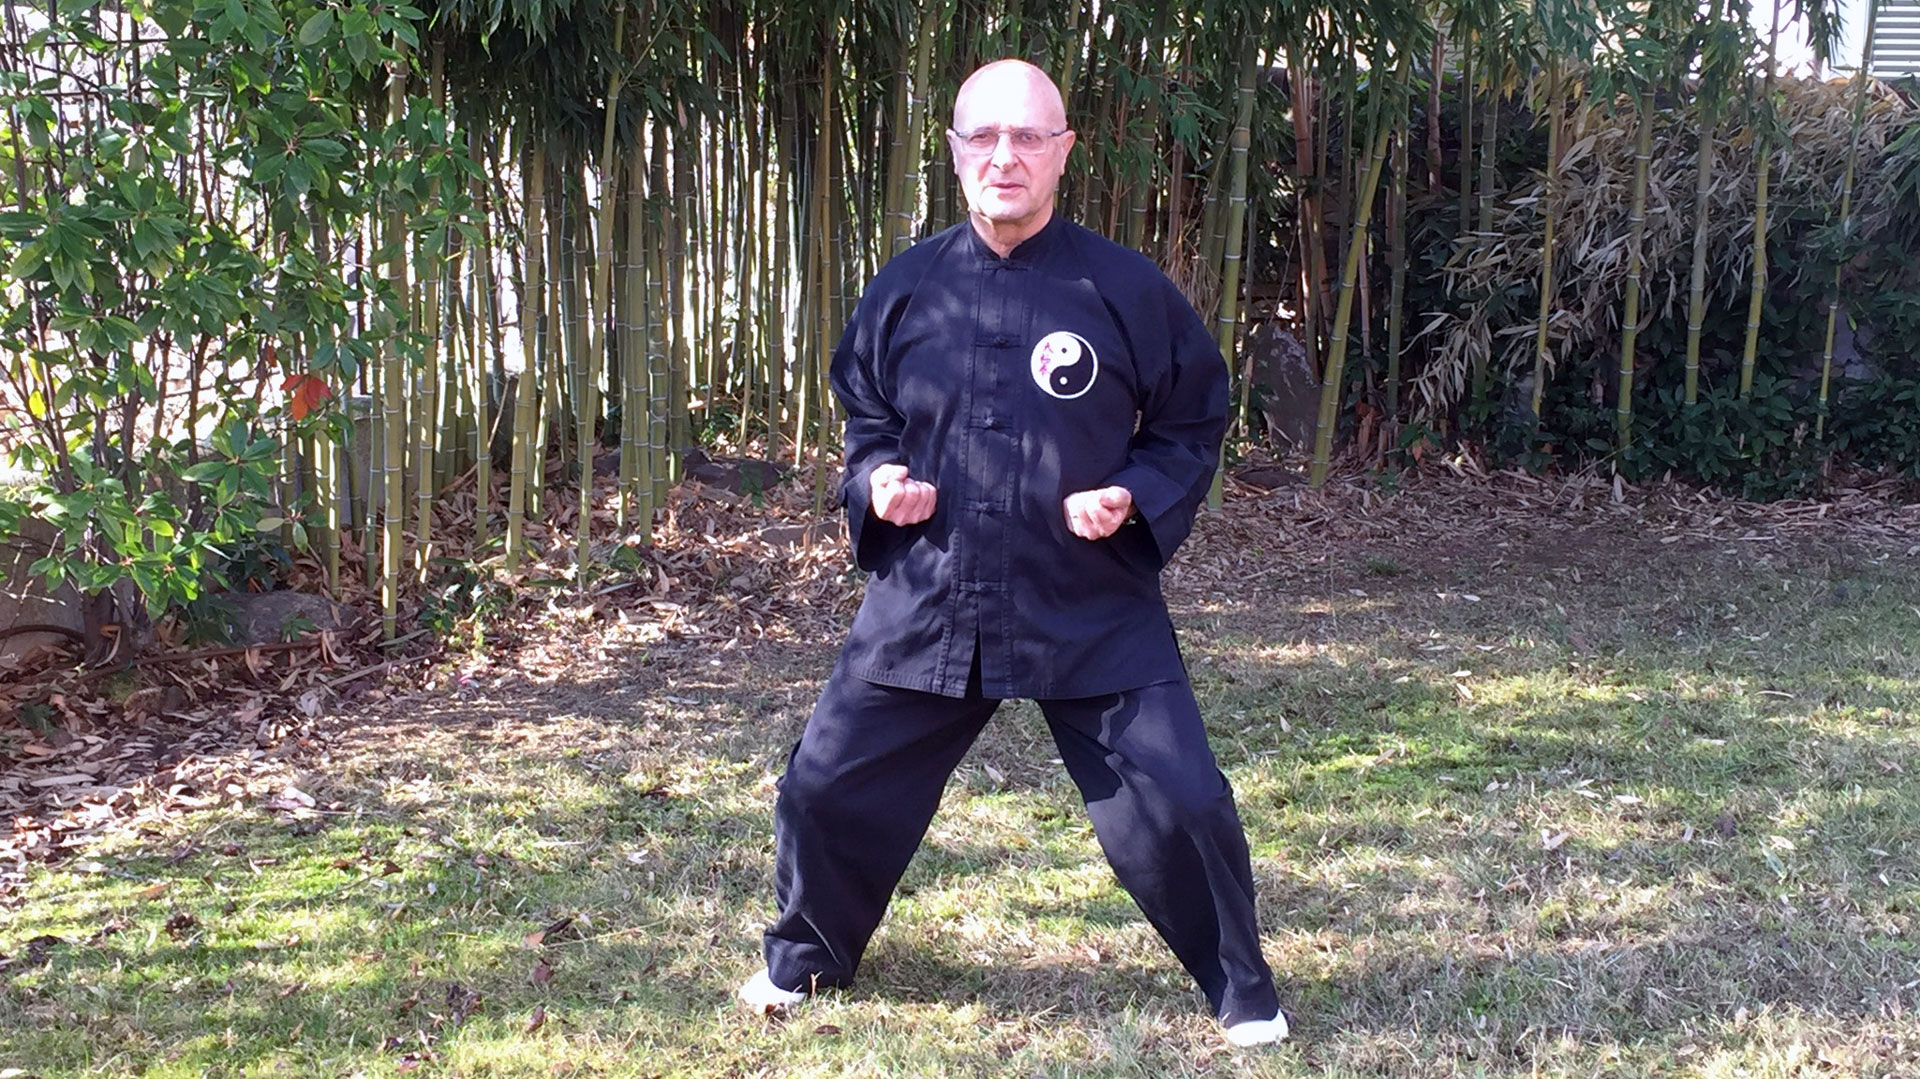 Giuseppe Giusti maestro tai chi chuan 3